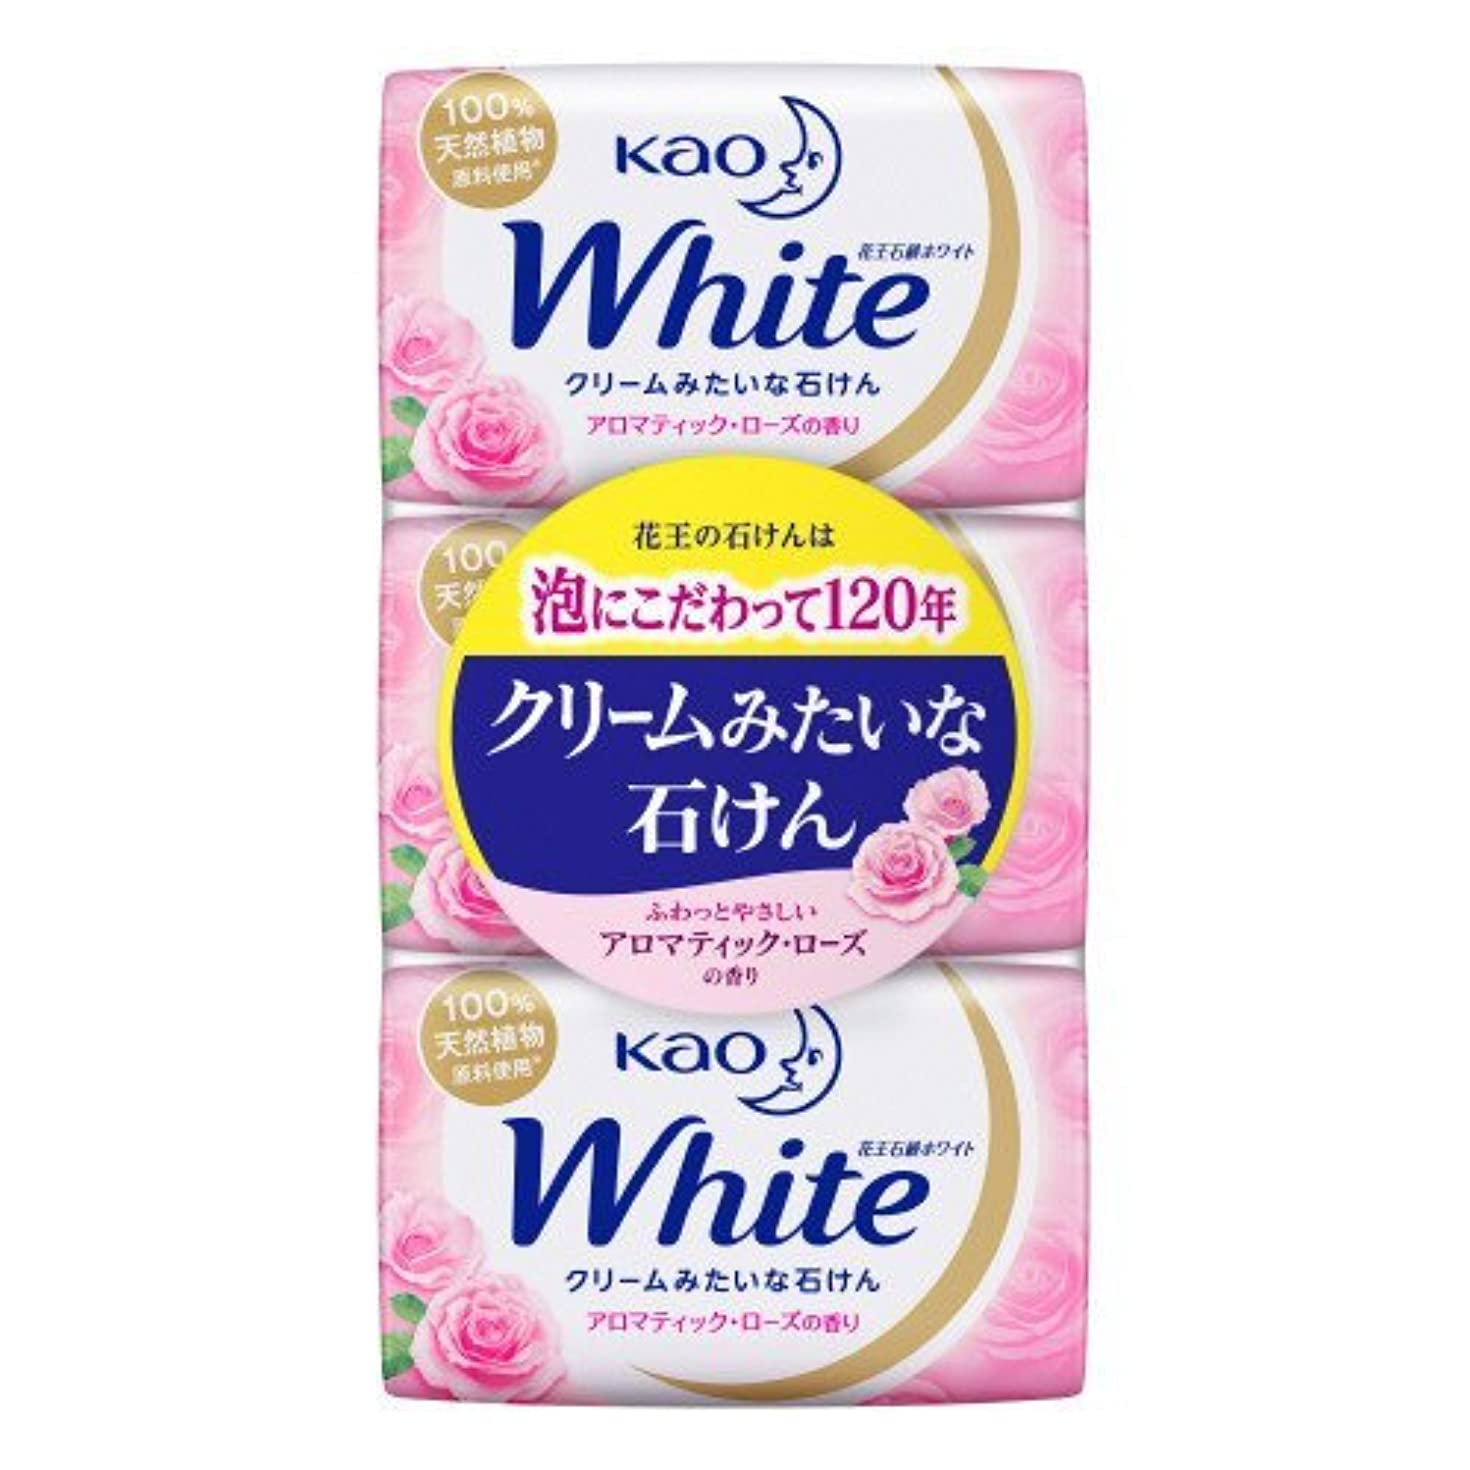 誓うお世話になった重大花王ホワイト アロマティックローズの香り レギュラーサイズ 85g*3個入